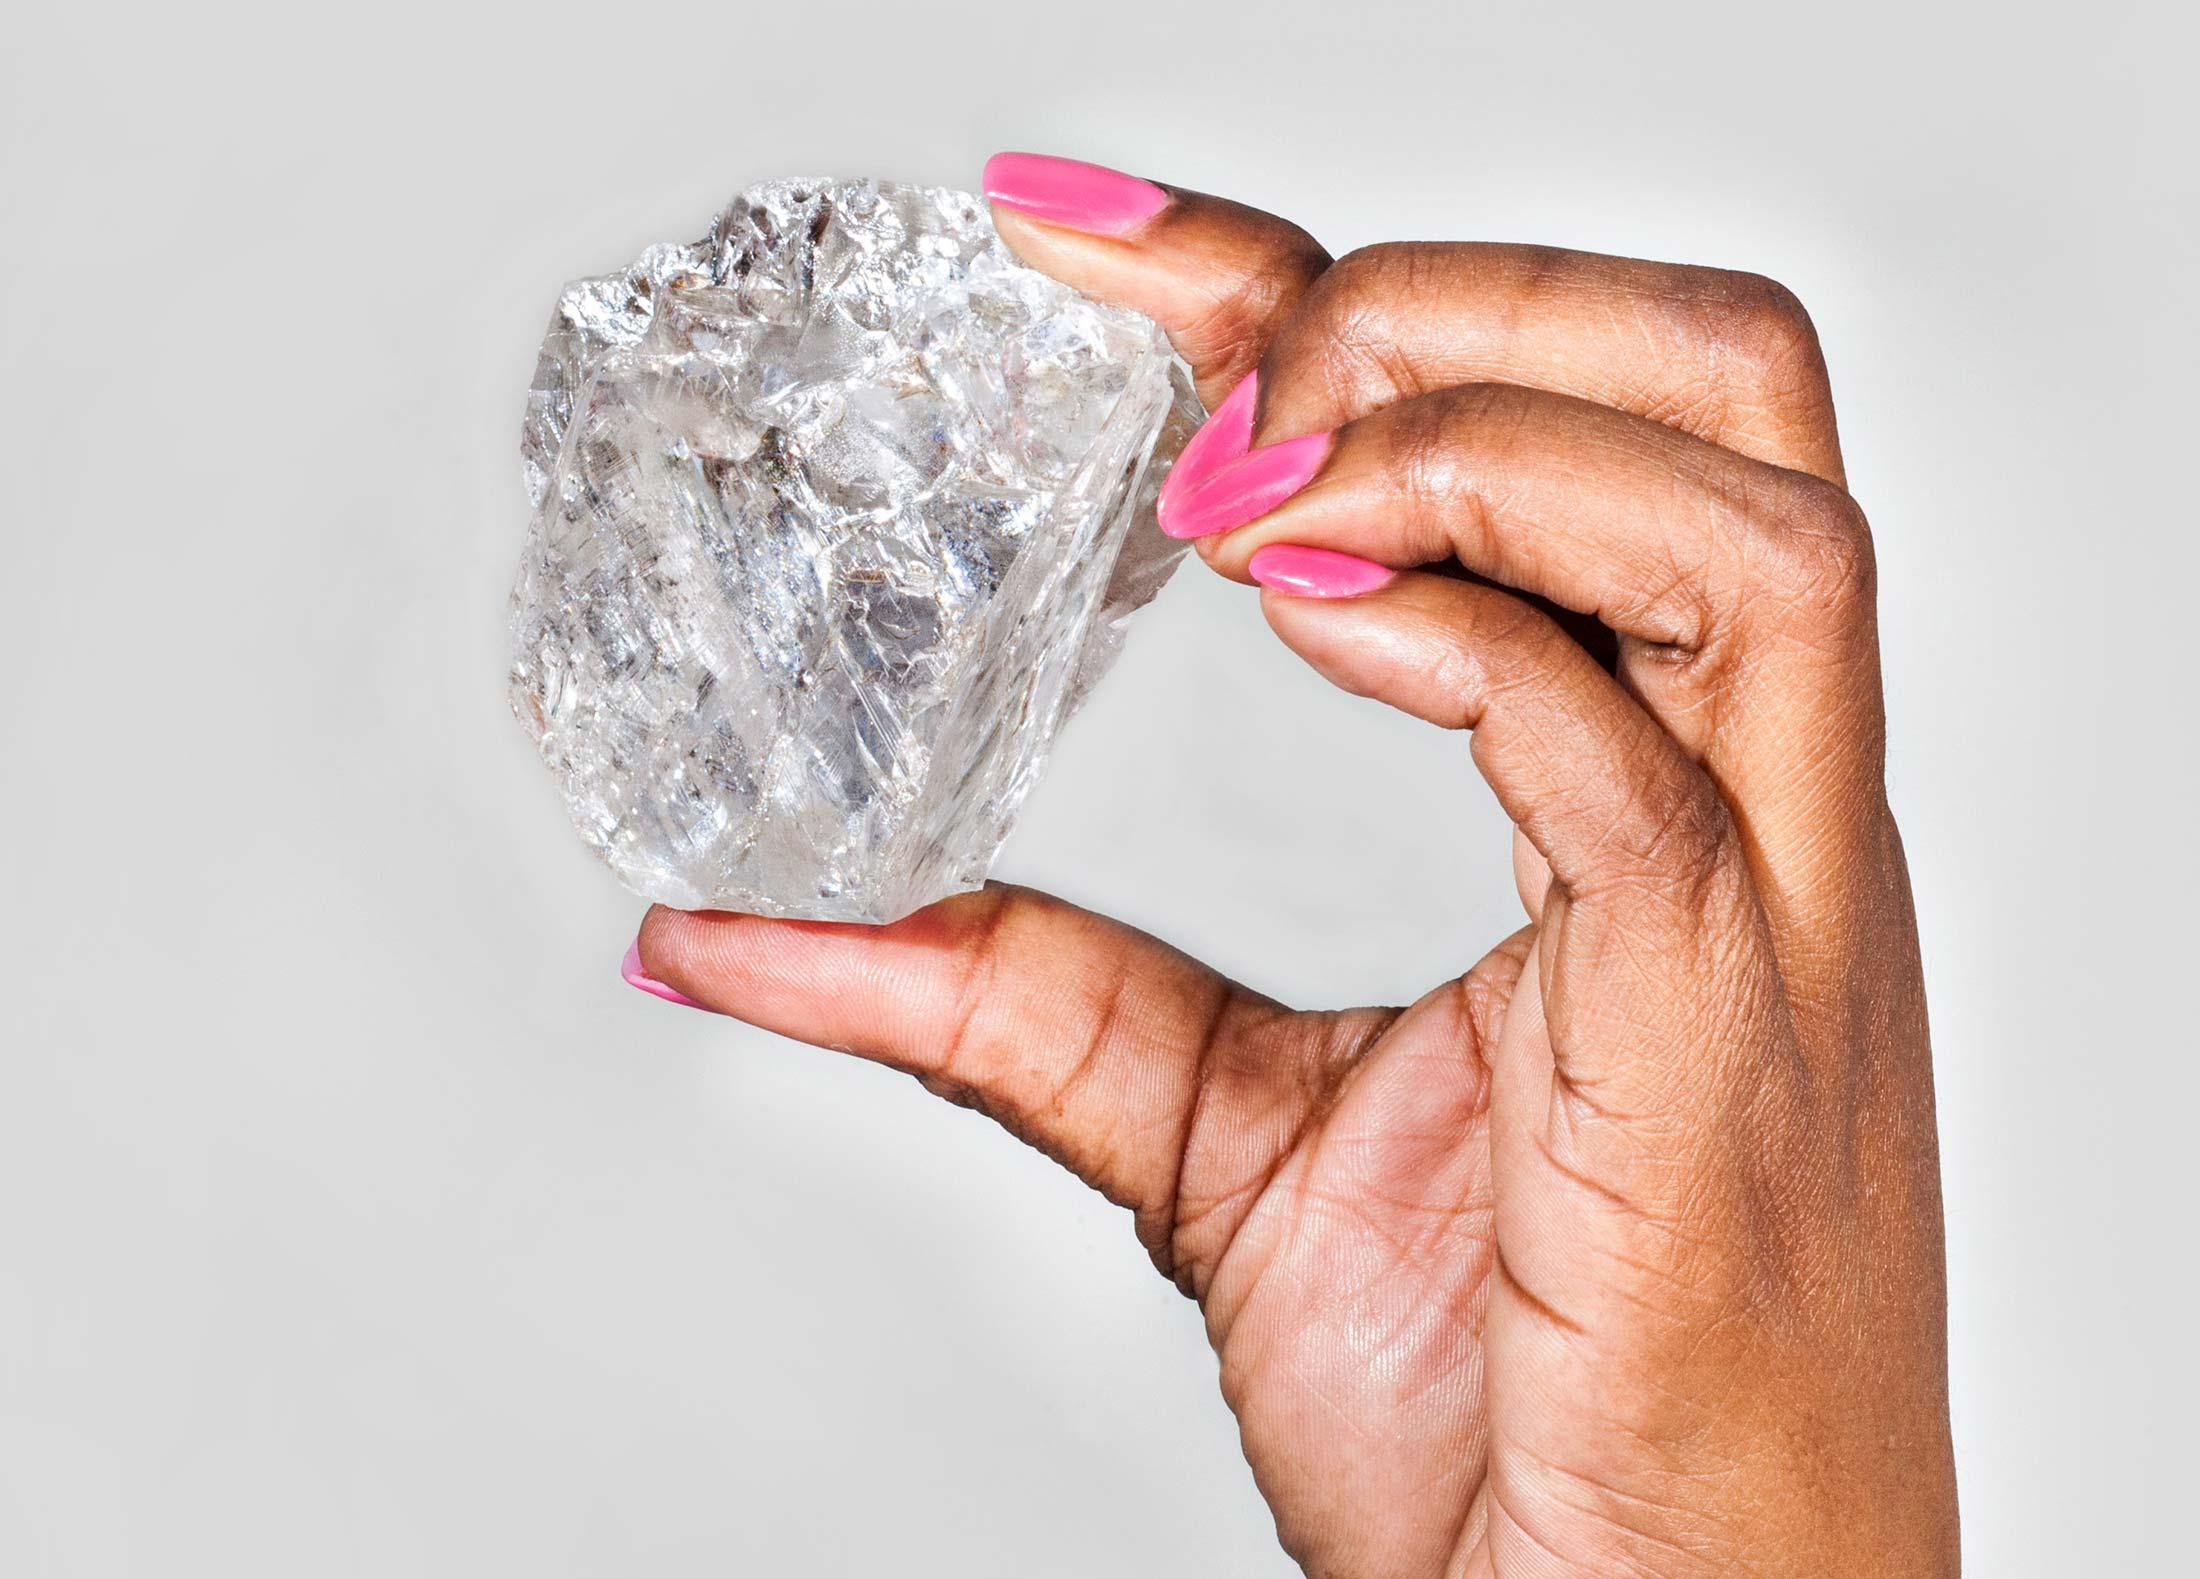 1000克拉的钻石有多大? - 晨枫 - 晨枫小苑